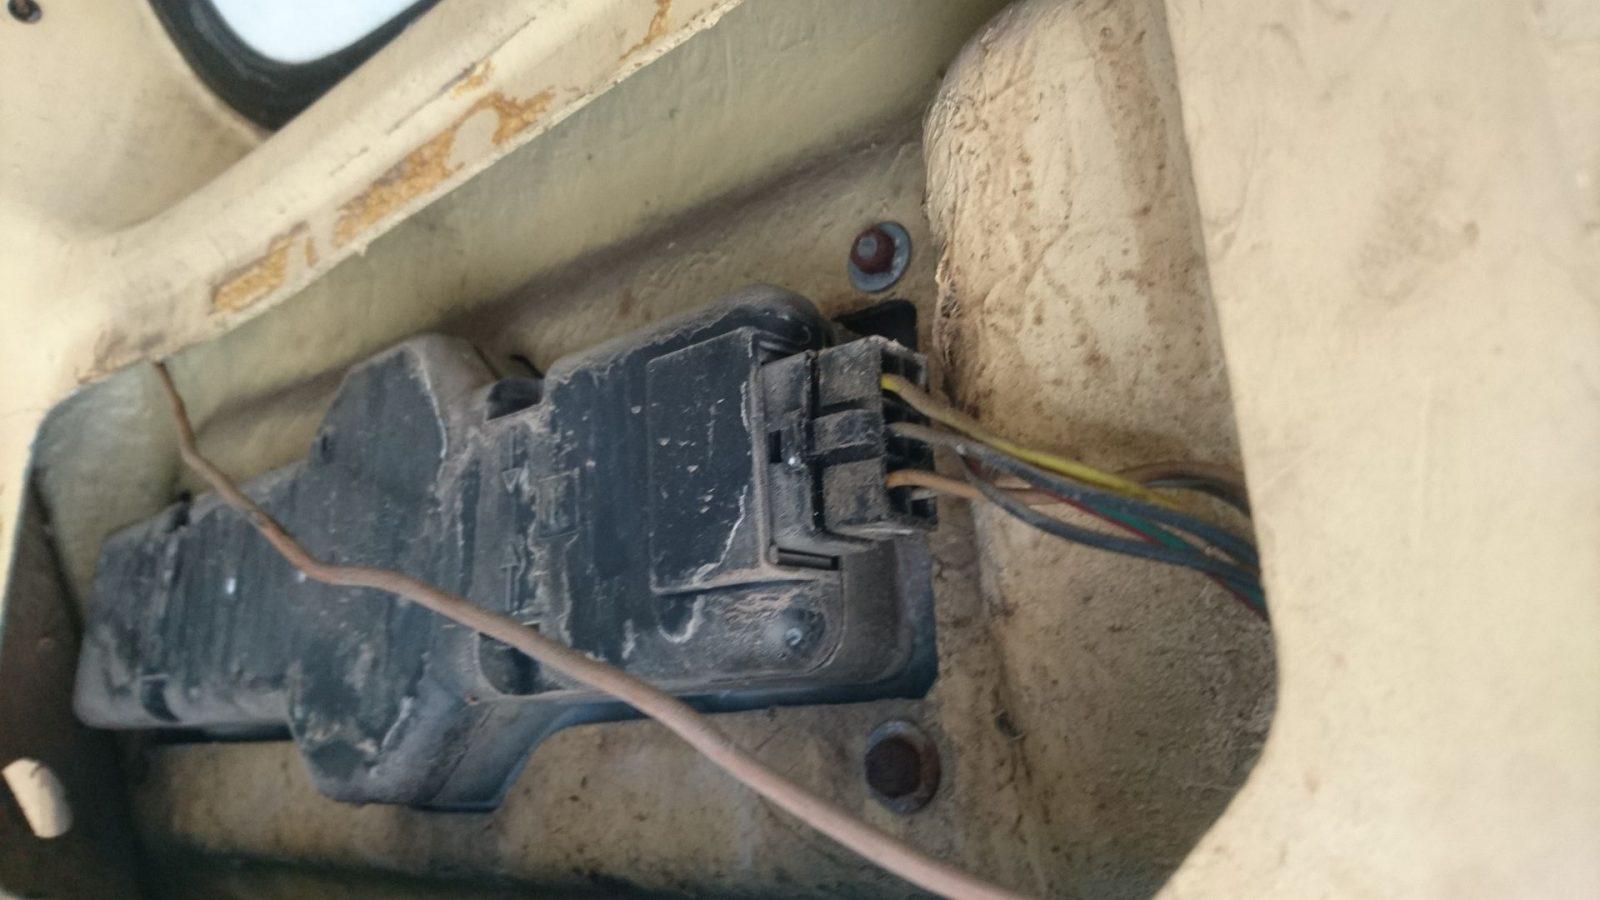 Anordnung der Kabelsteckverbindung an der hinteren rechten Heckleuchte